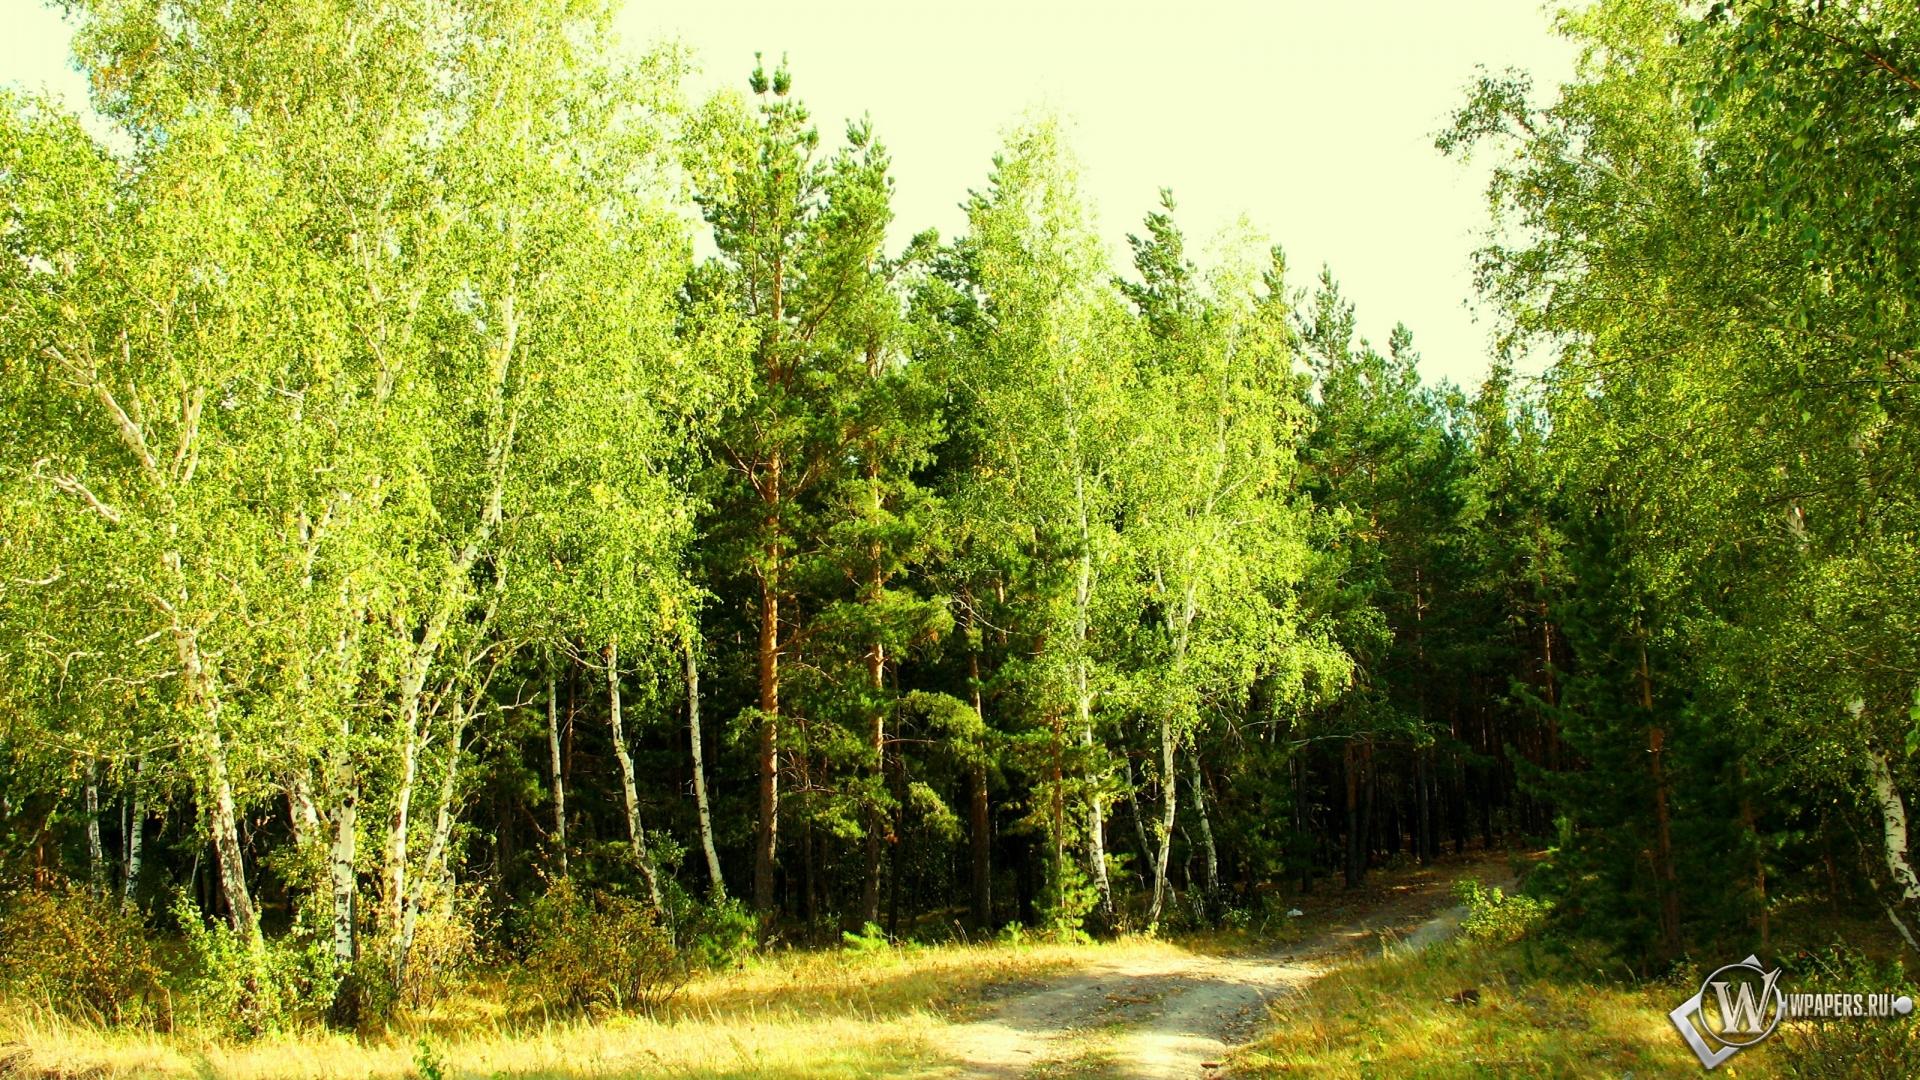 Картинки для рабочего стола лето река лес